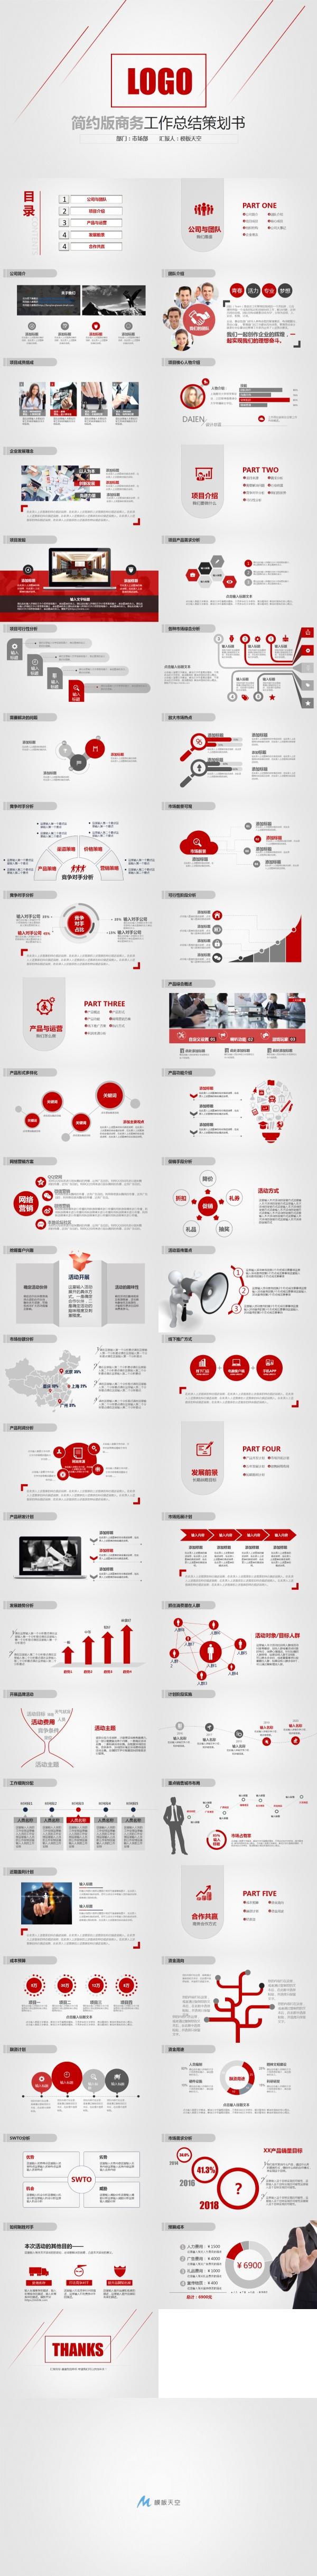 红色简约版工作总结策划书PPT模板